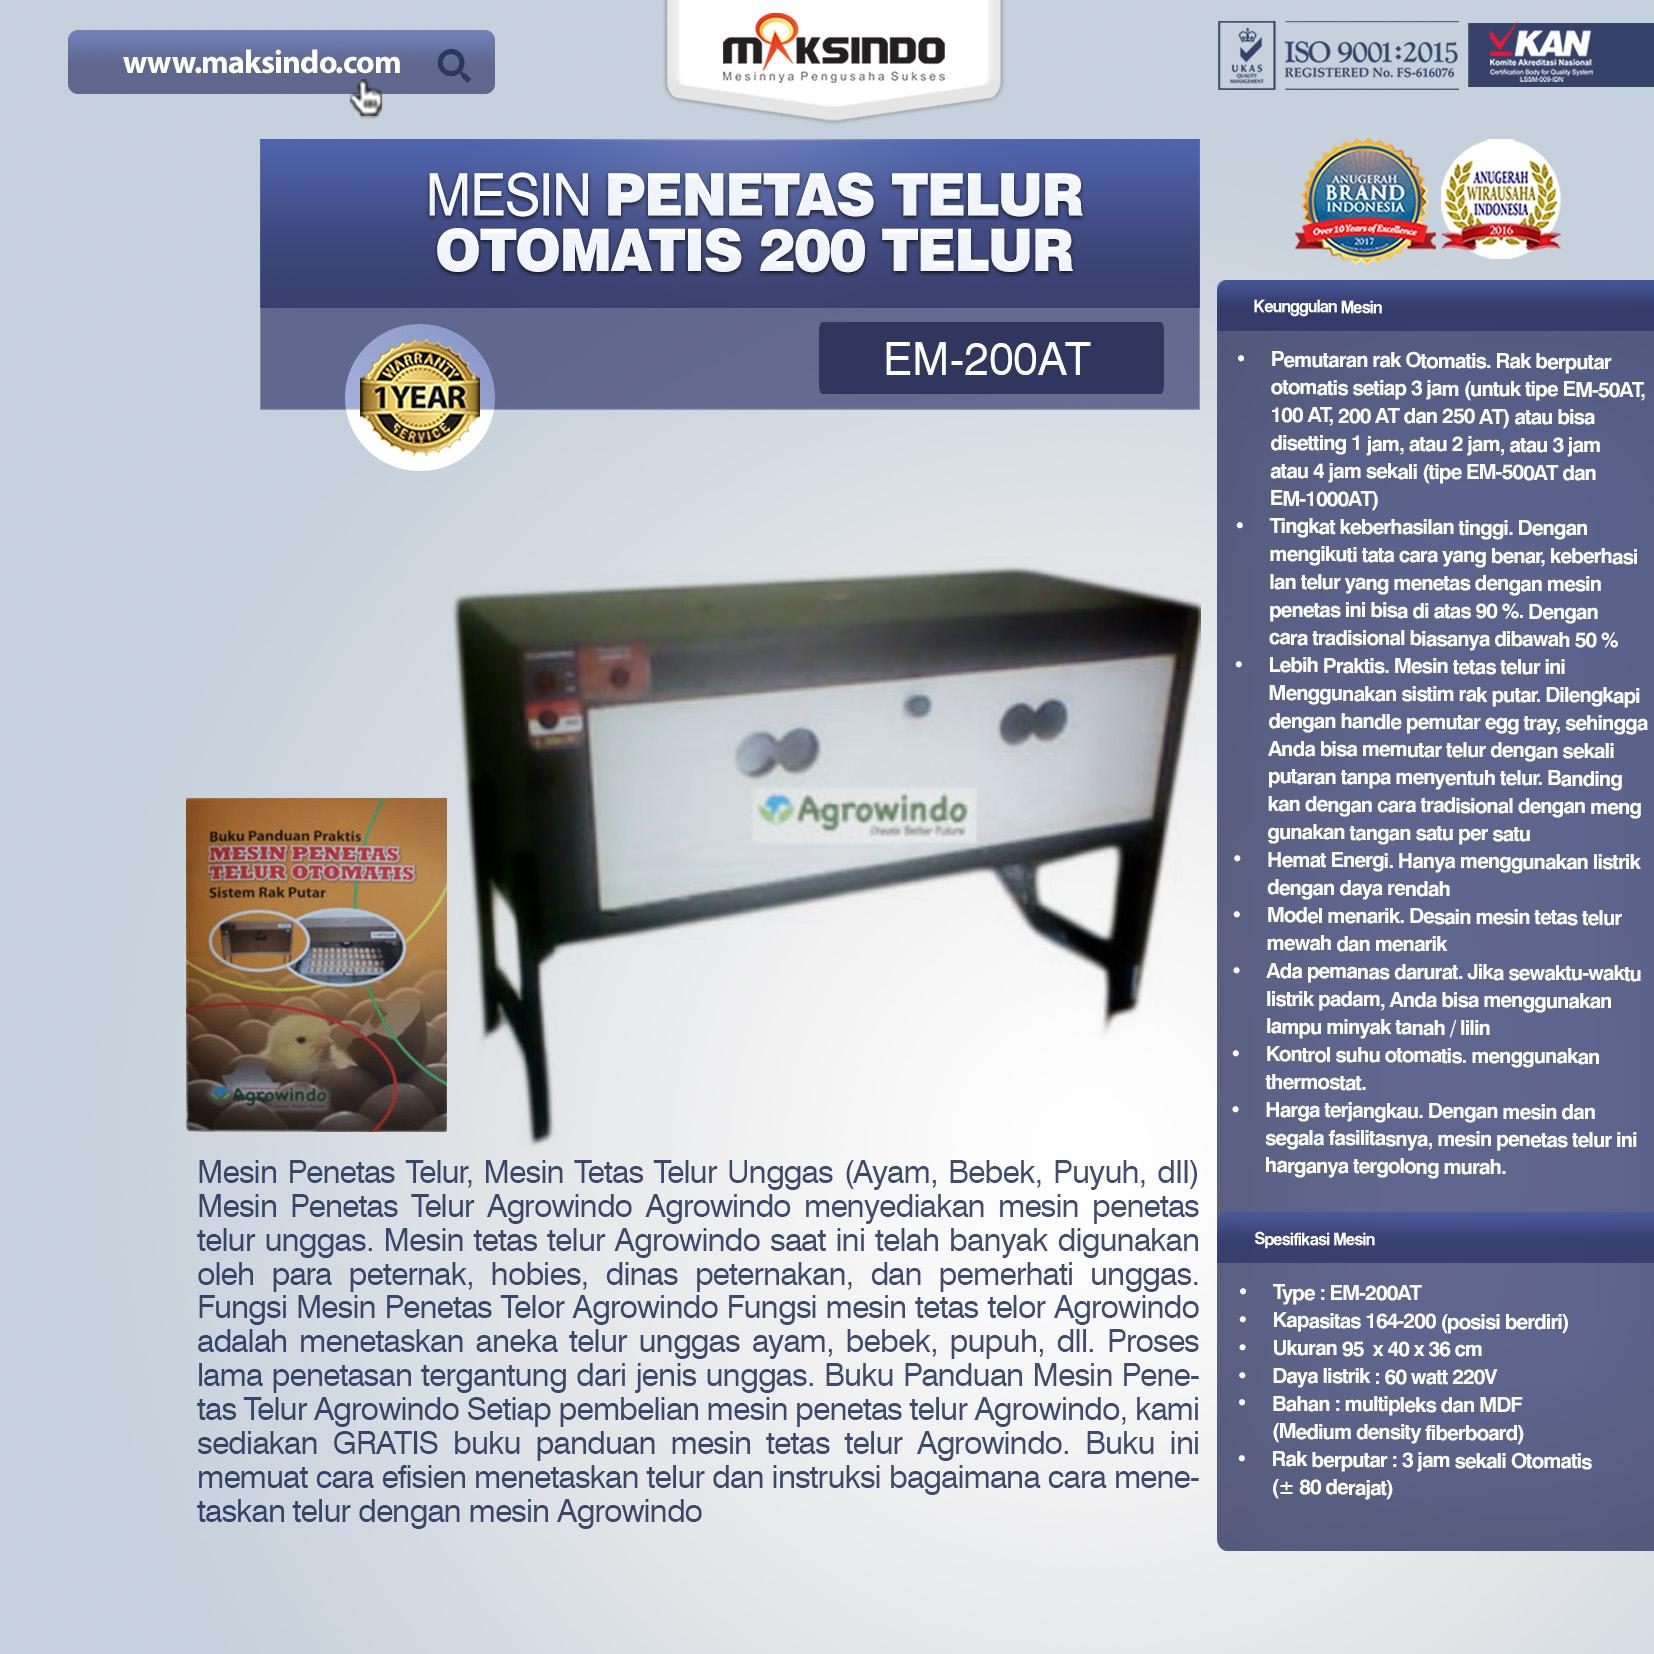 Jual Mesin Penetas Telur Otomatis 200 Telur (EM-200AT) di Pekanbaru